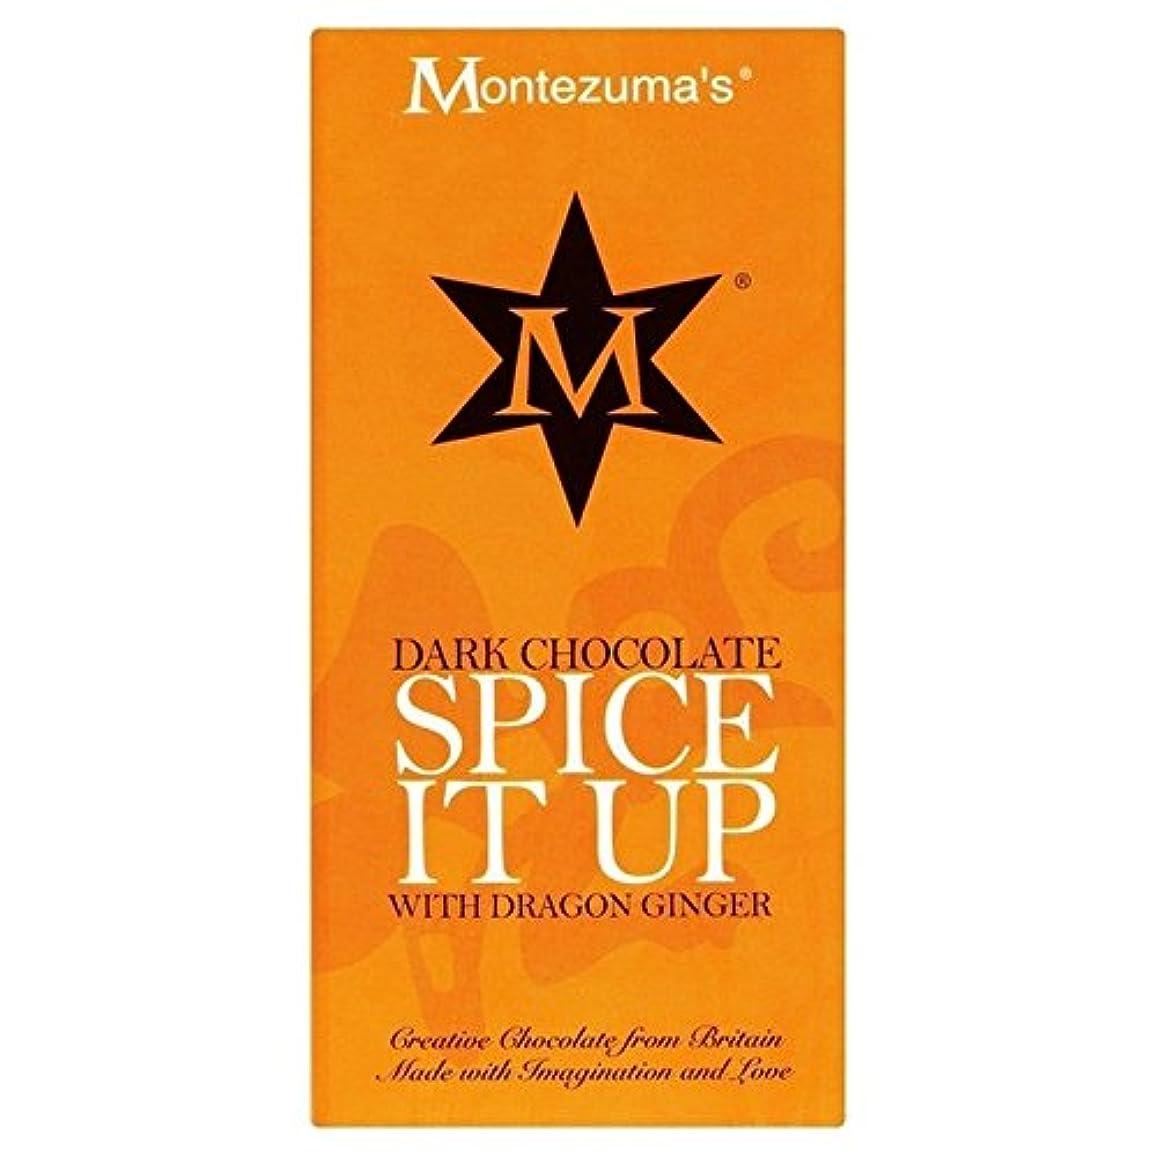 第二にパノラマ上に築きます生姜バー100グラムとモンテスマのダークチョコレート (x 2) - Montezuma's Dark Chocolate with Ginger Bar 100g (Pack of 2) [並行輸入品]